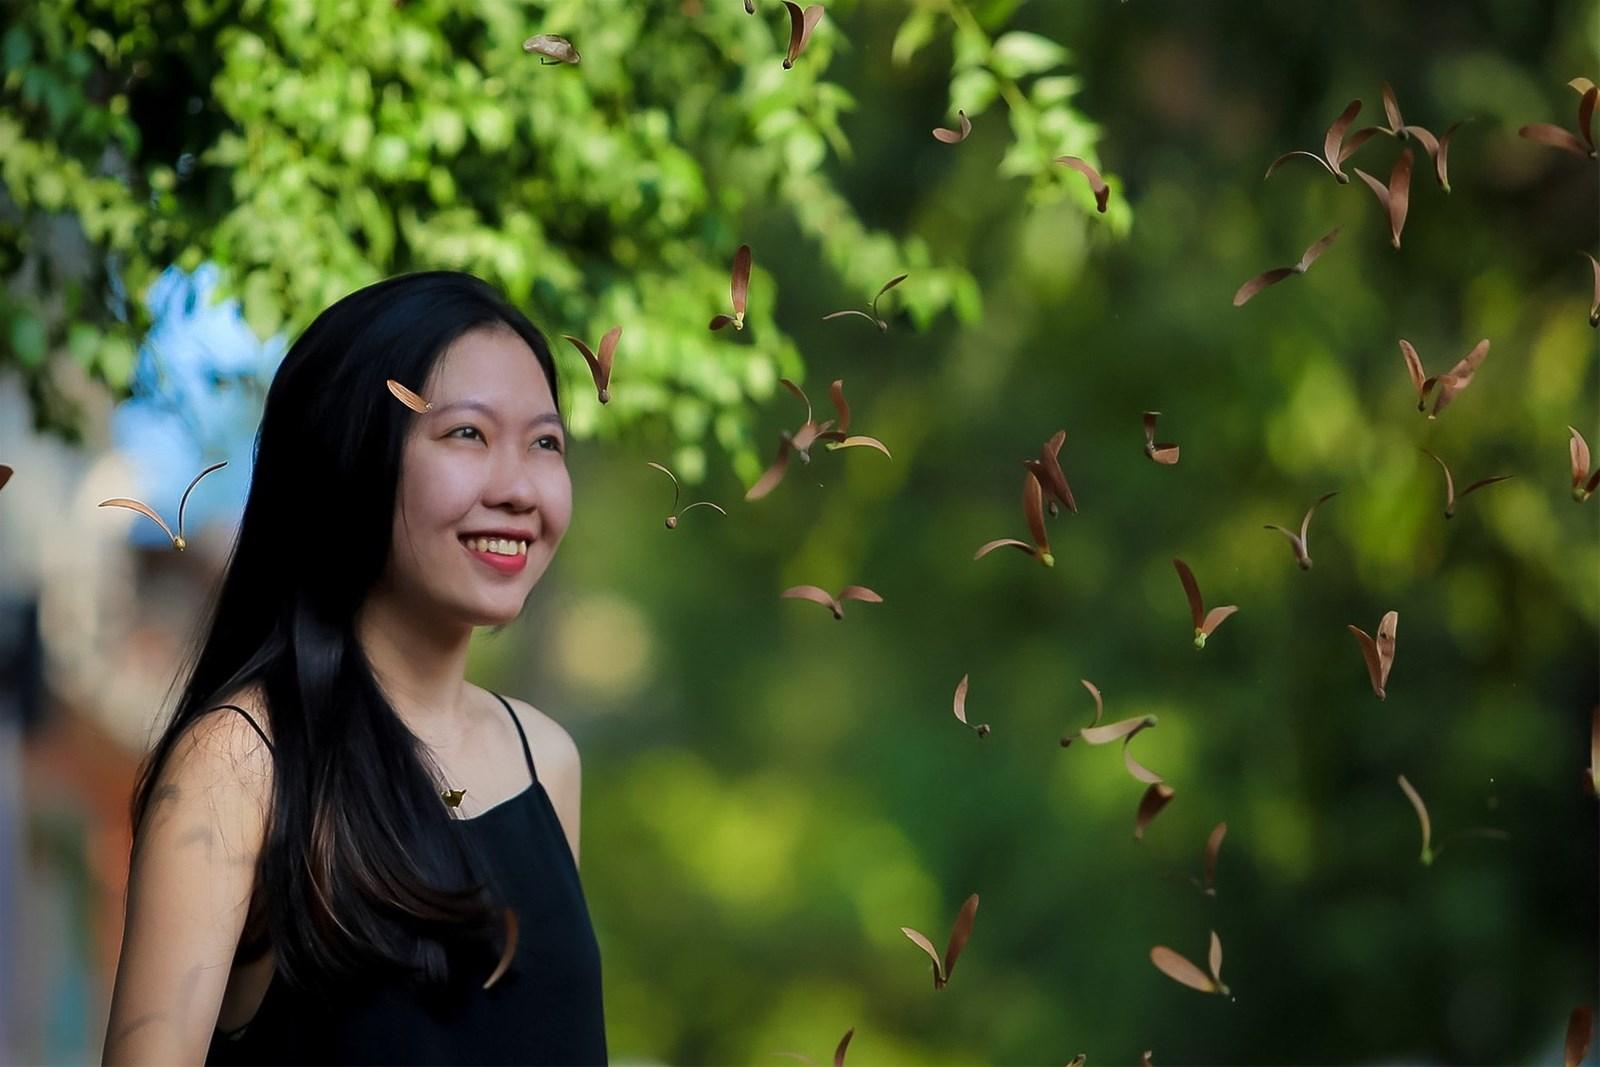 Sài Gòn vào mùa chò nâu lãng mạn như phim